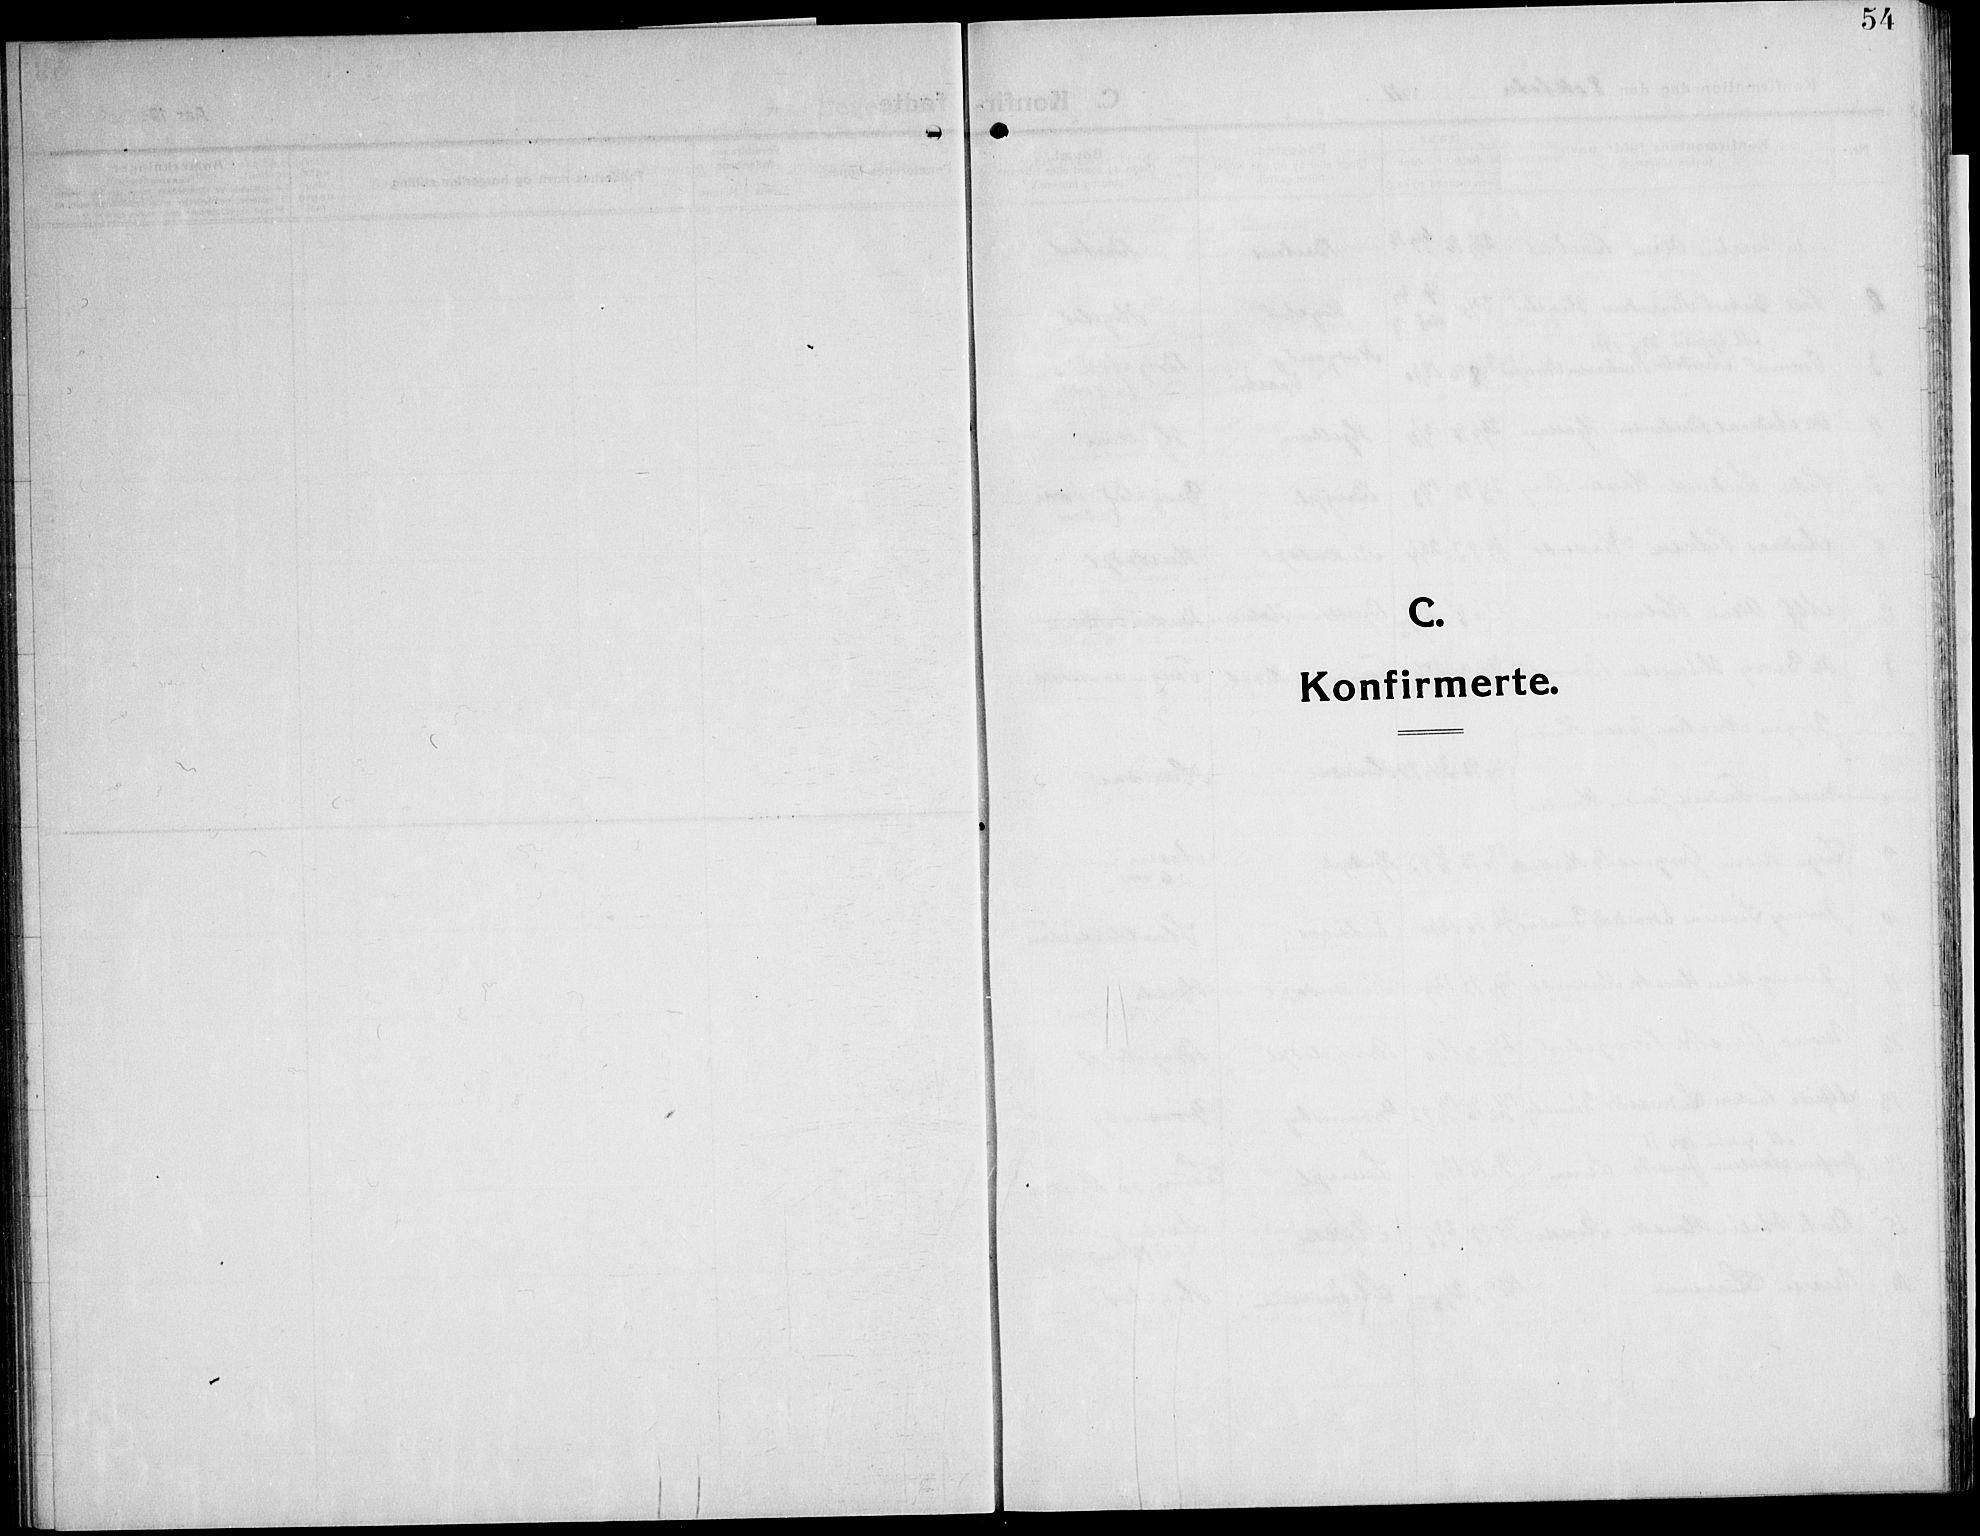 SAT, Ministerialprotokoller, klokkerbøker og fødselsregistre - Nord-Trøndelag, 732/L0319: Parish register (copy) no. 732C03, 1911-1945, p. 54